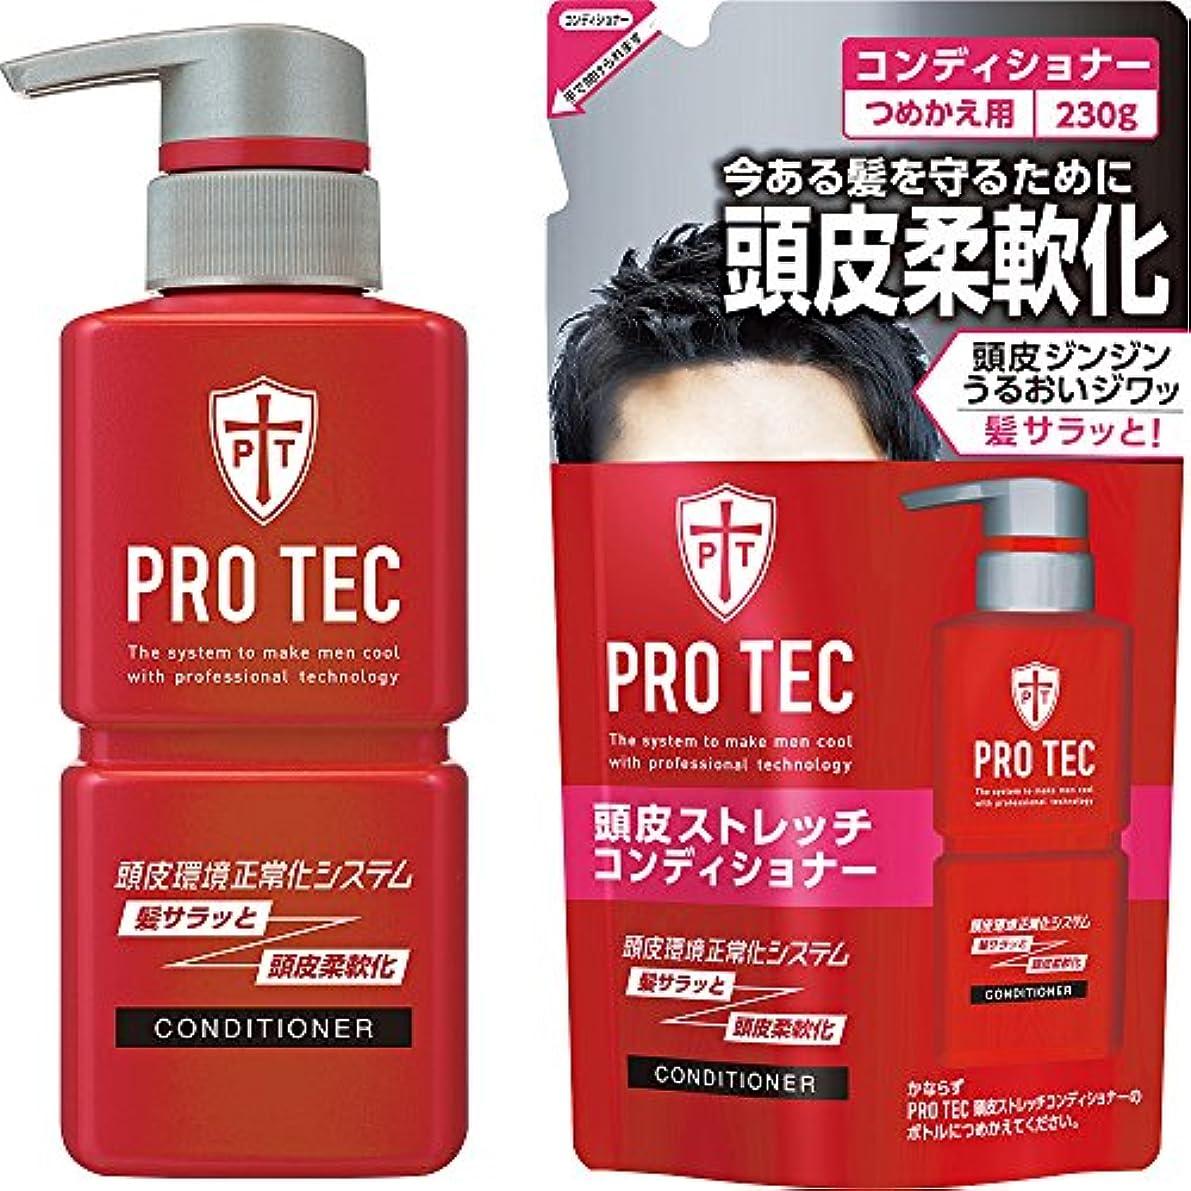 貫通するカスケード特徴PRO TEC(プロテク) 頭皮ストレッチコンディショナー 本体ポンプ300g+詰め替え230g セット(医薬部外品)